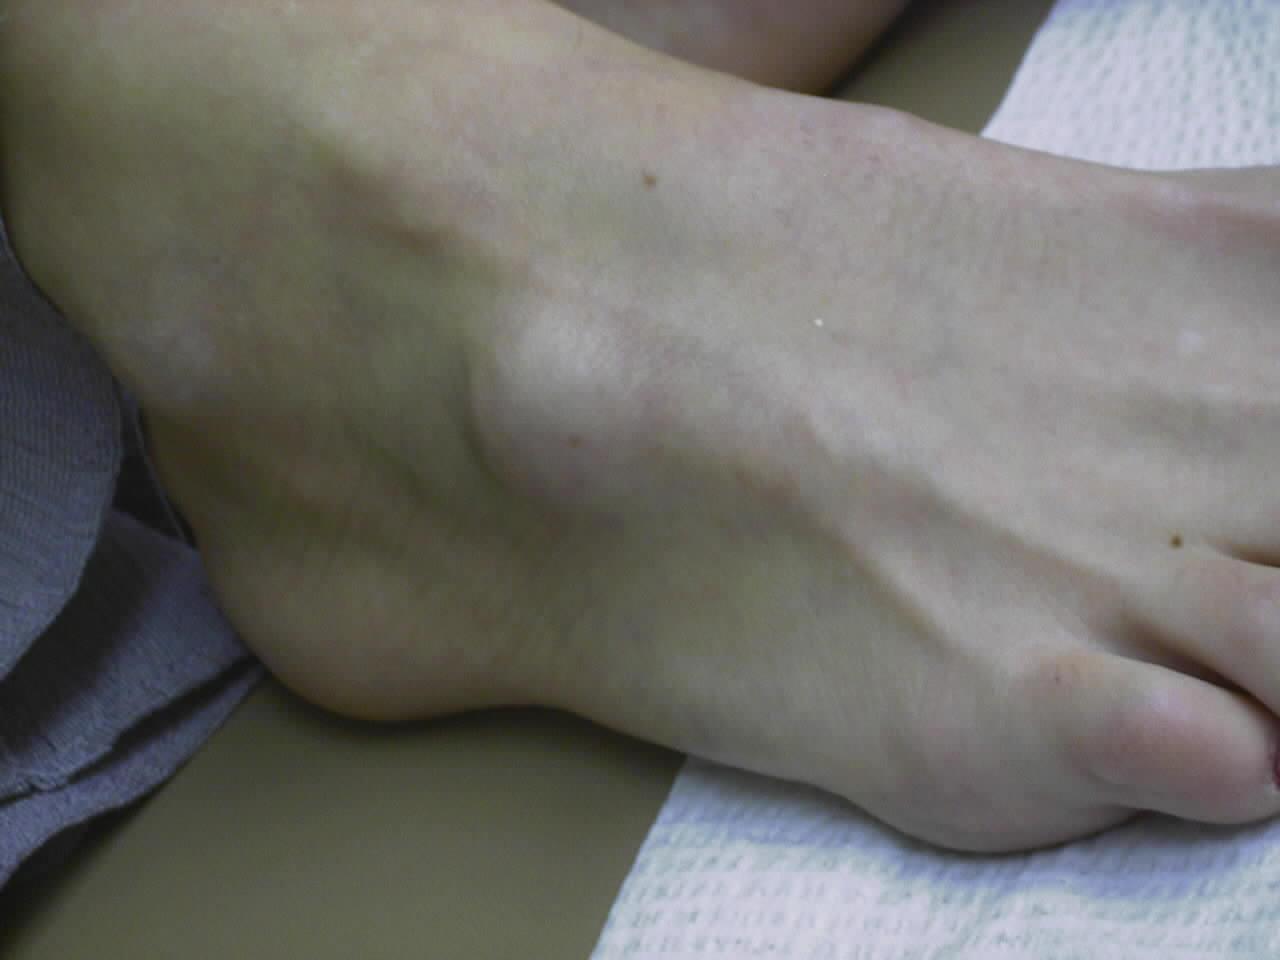 Ganglionic Cyst